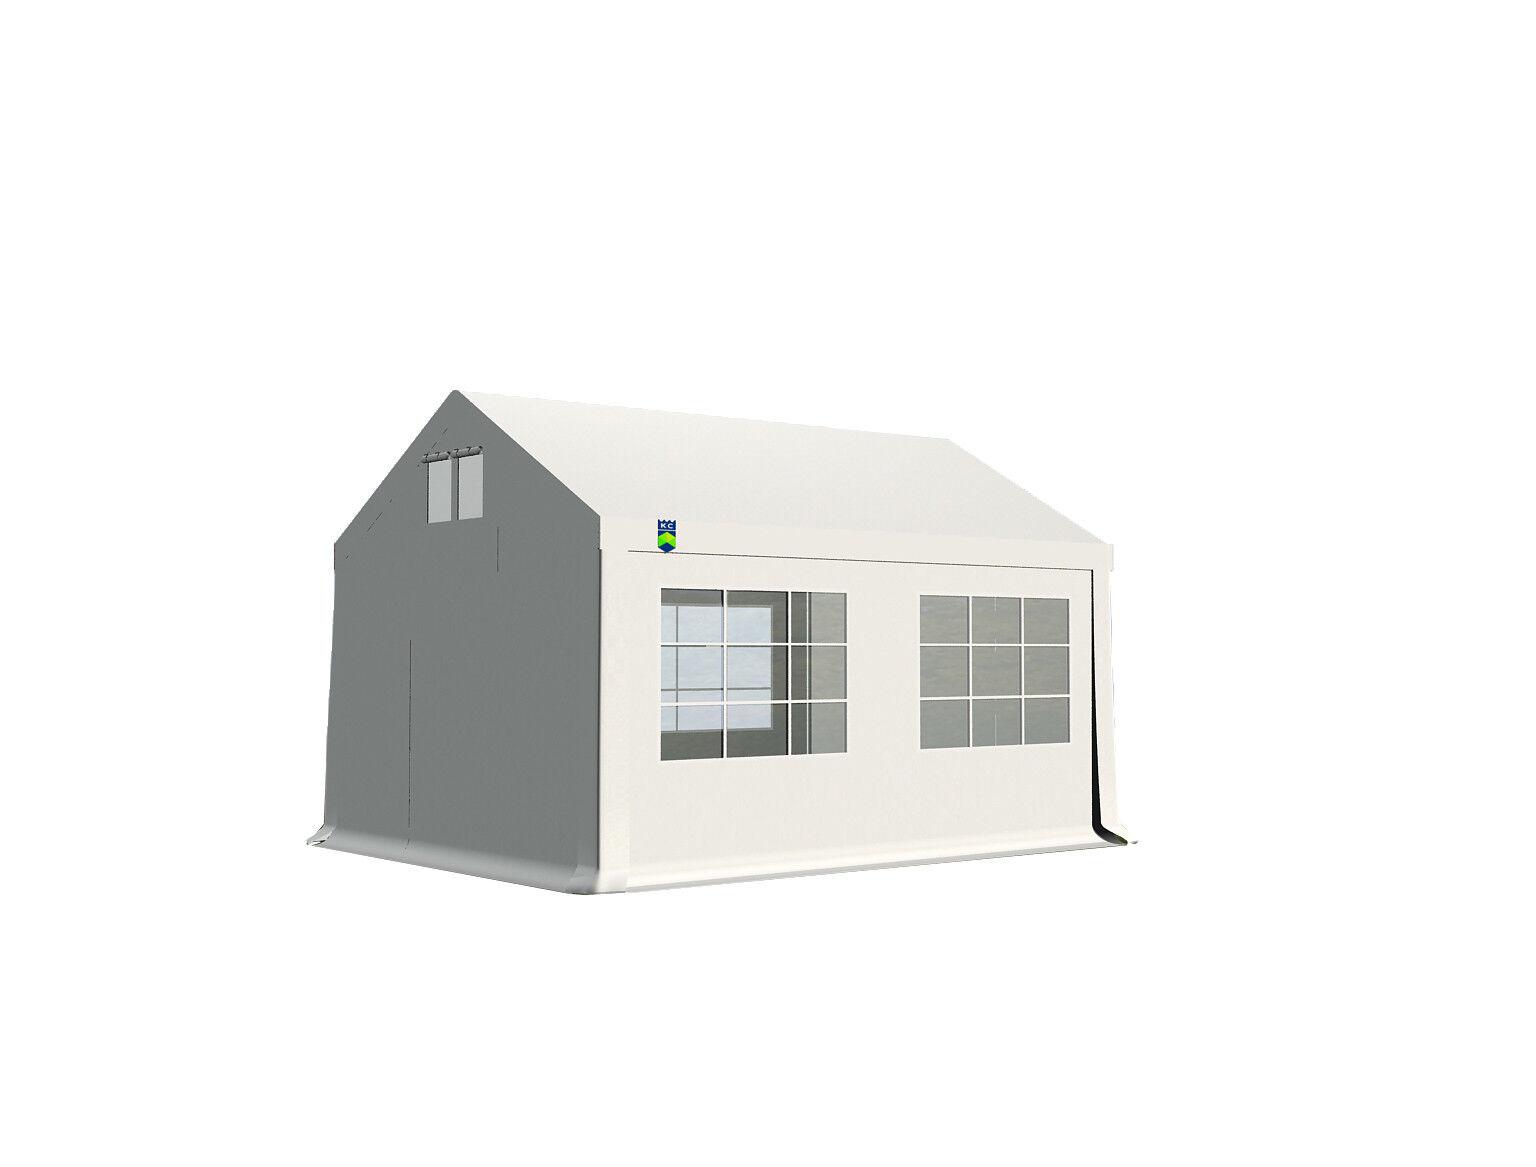 Pavillon PVC 3x4-5x12m Partyzelt Festzelt Gartenzelt Bierzelt wasserdicht PVC Pavillon NEU 4c2946